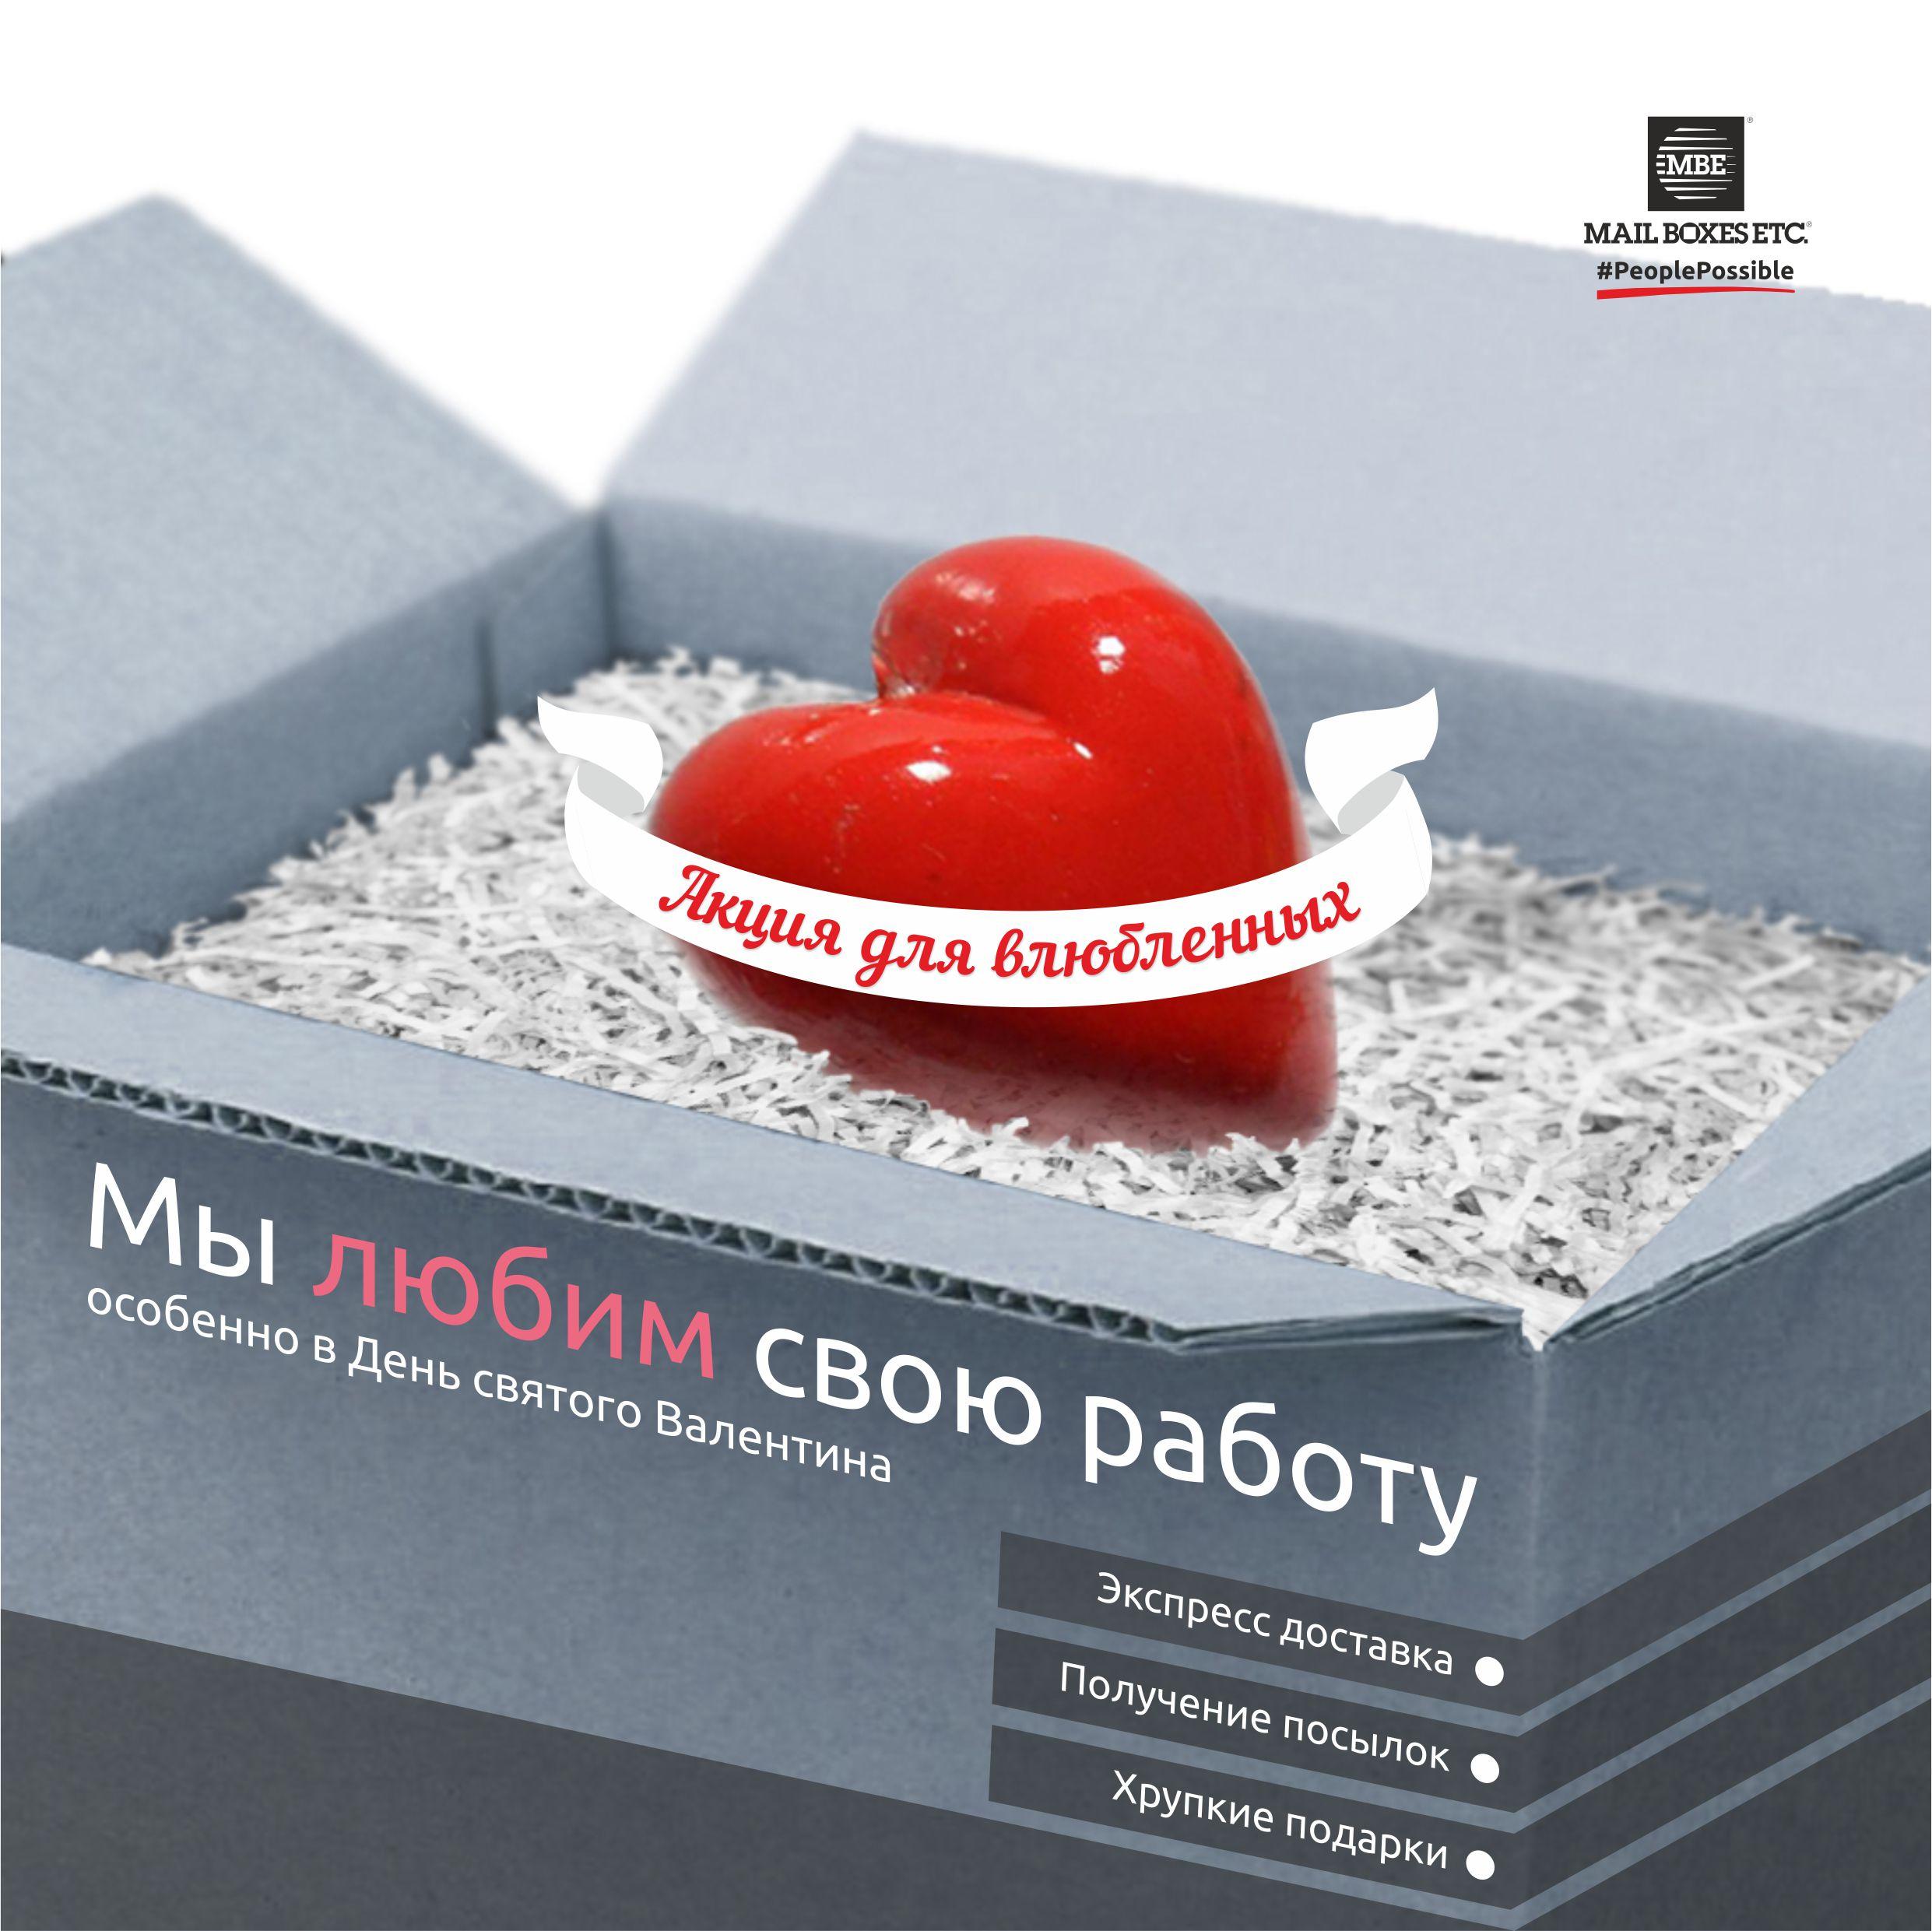 14 февраля квадратный jpg - Новости и акции